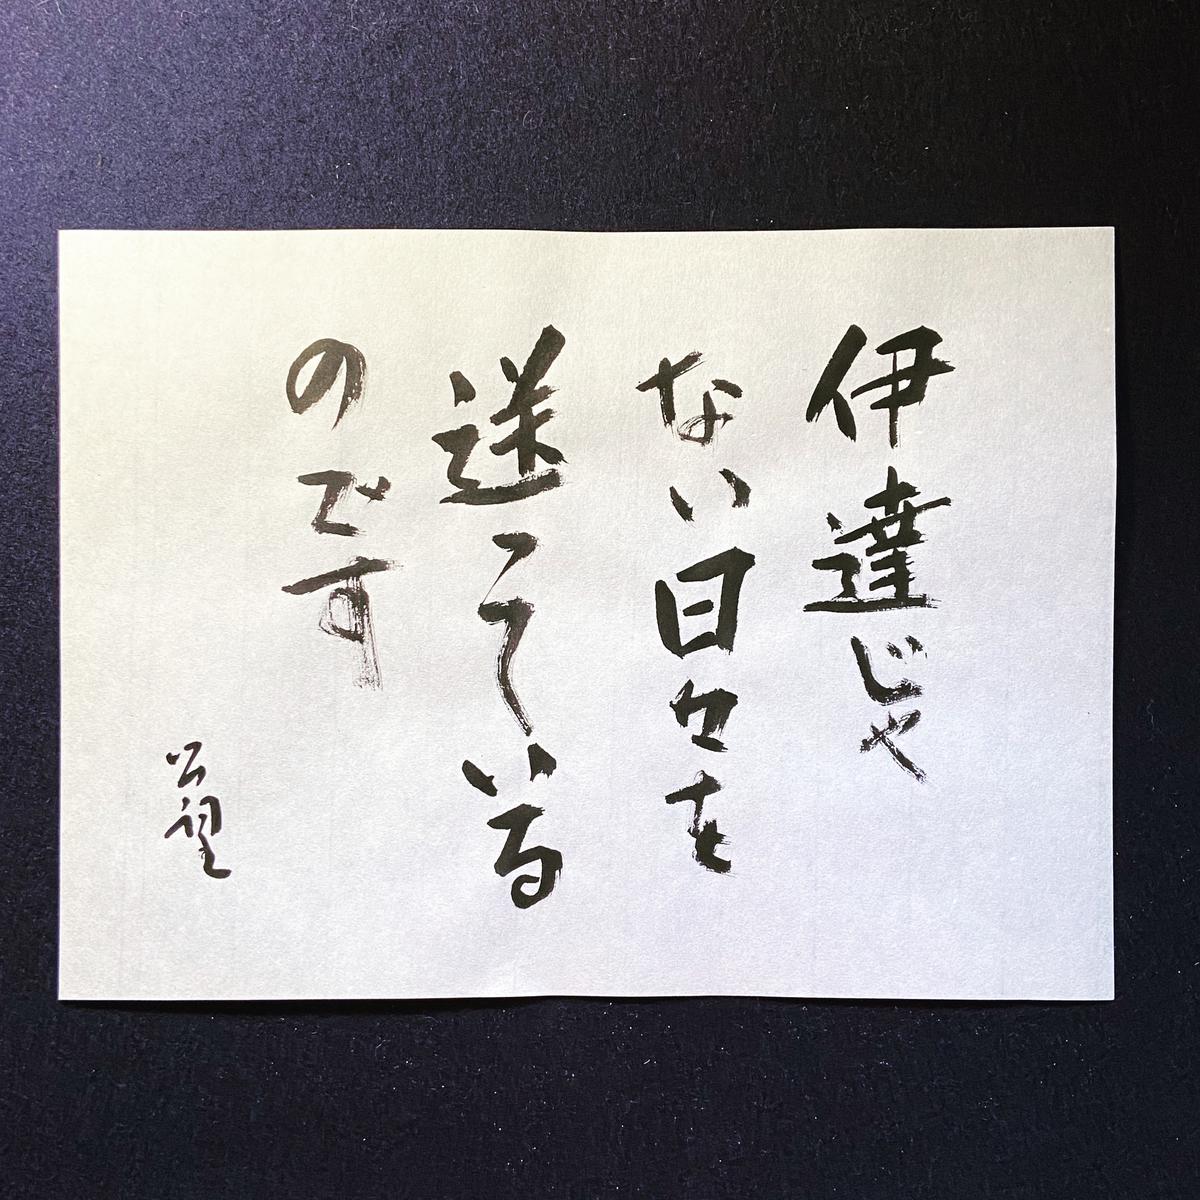 f:id:saifukuji:20200806204603j:plain